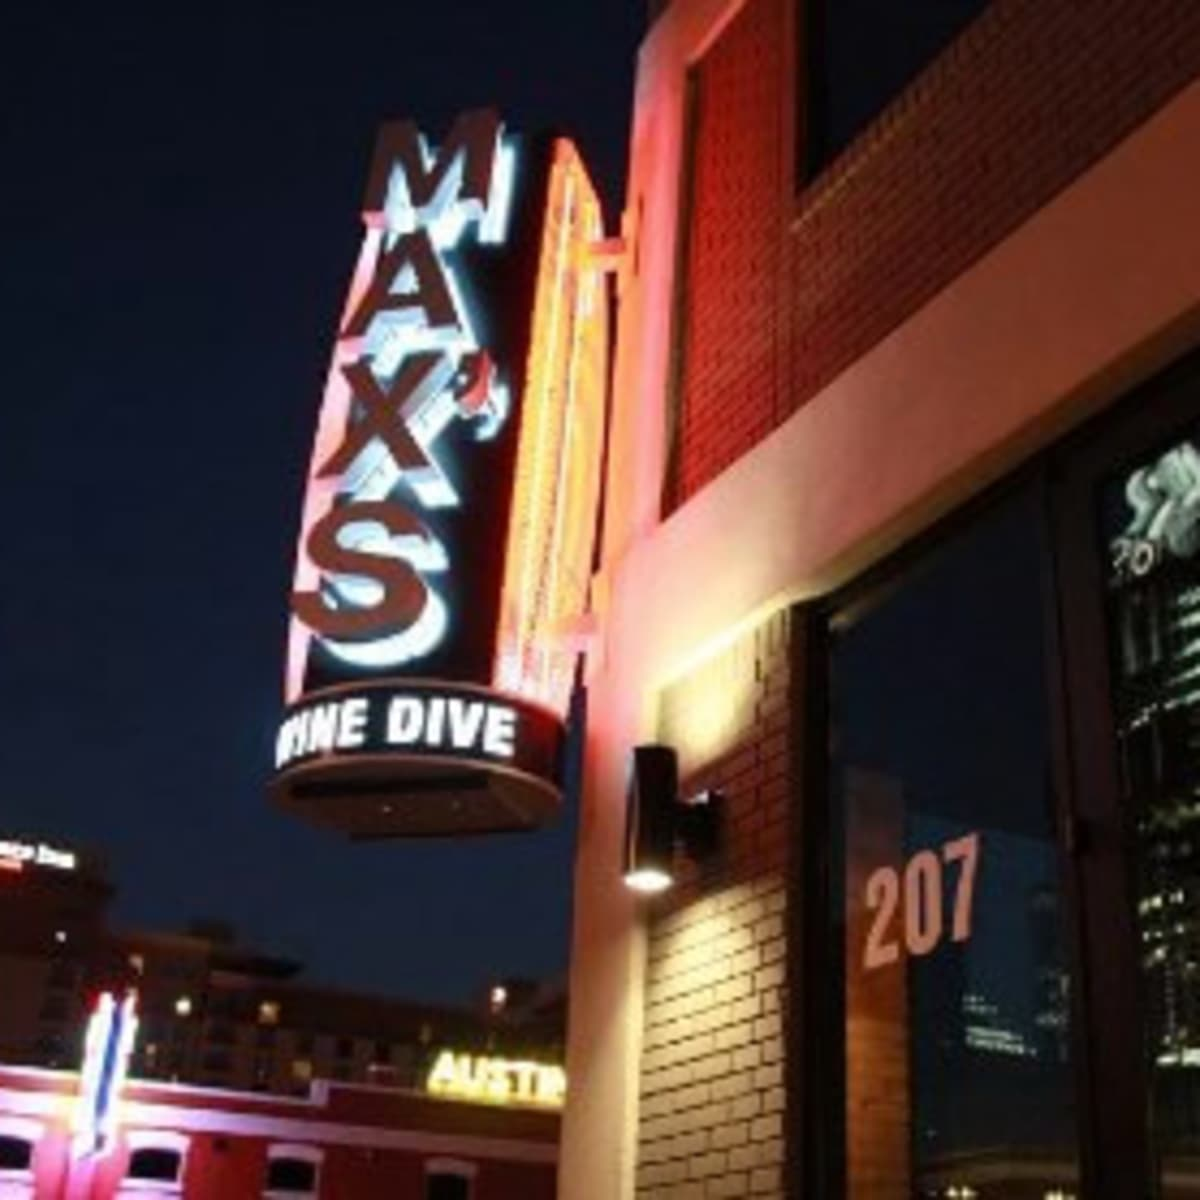 Austin photo: Places_Food_Max's Wine Dive_Exterior